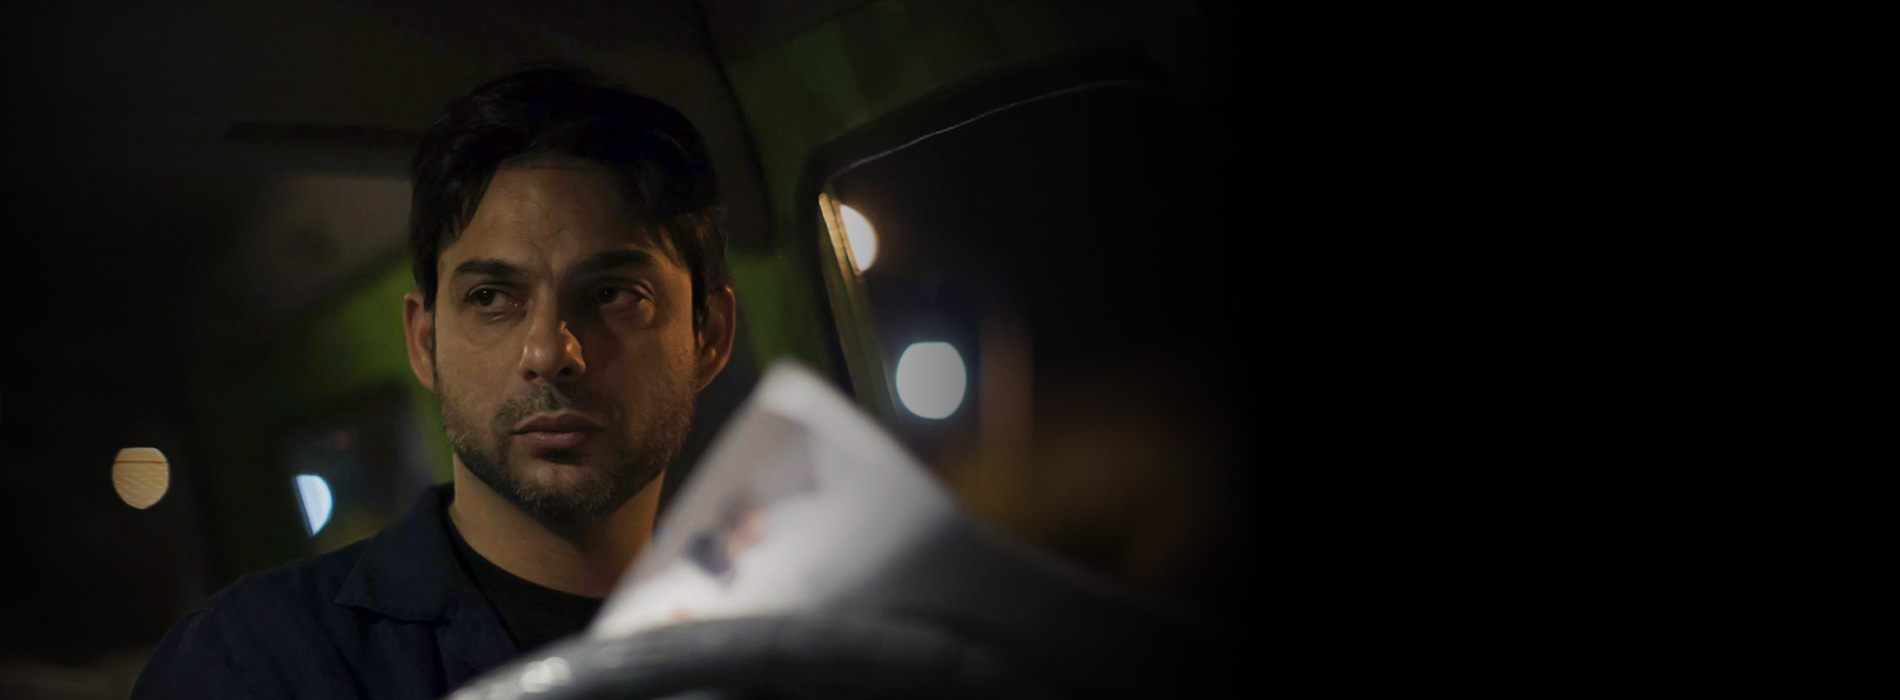 Un hombre joven lee un periódico en el interior de un auto.